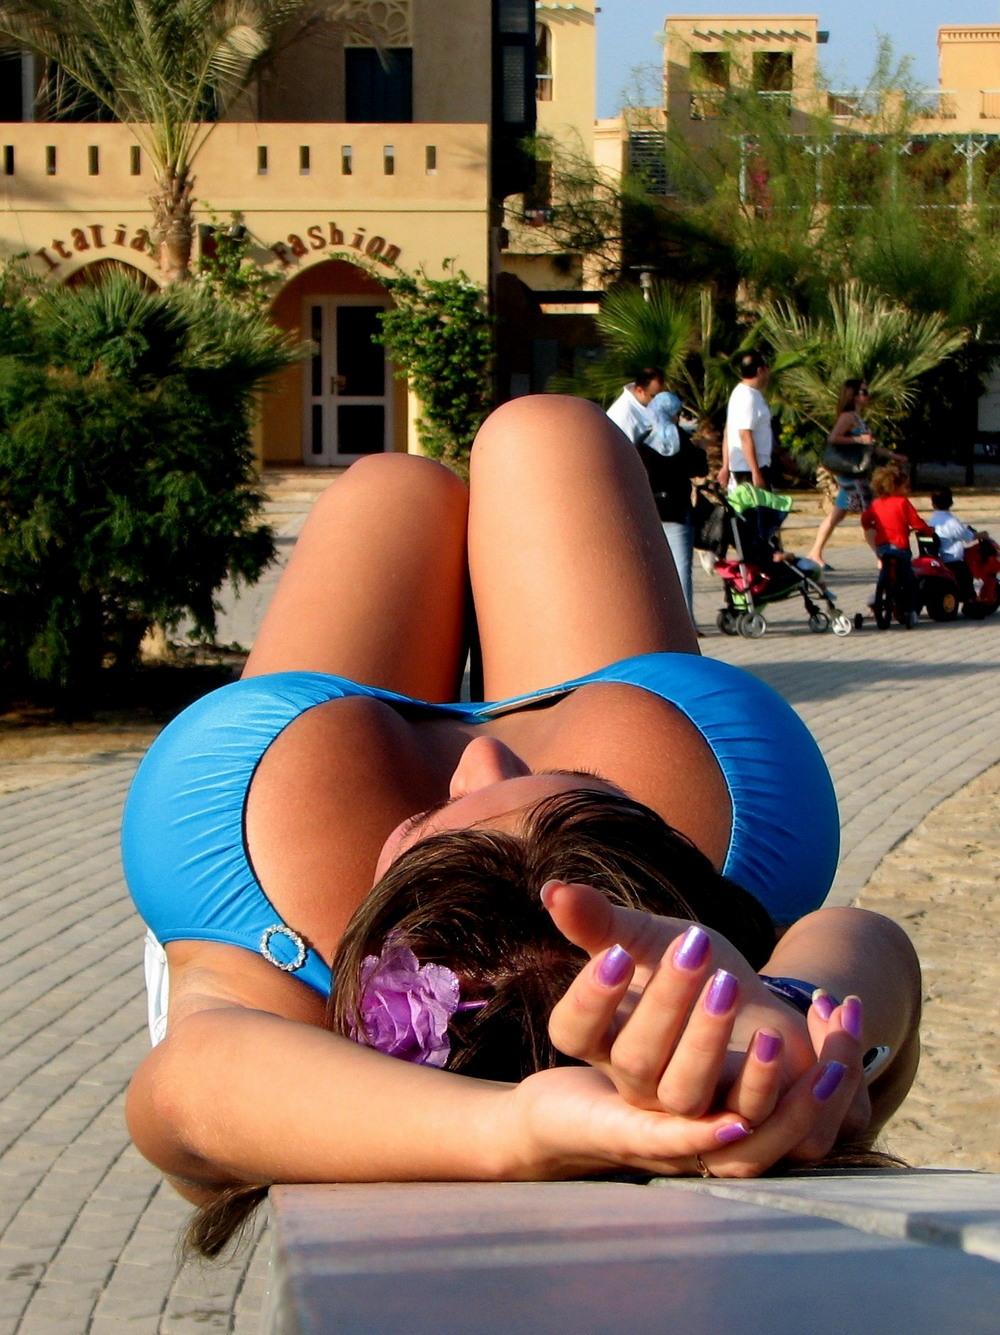 Любительские фото девушек в бикини